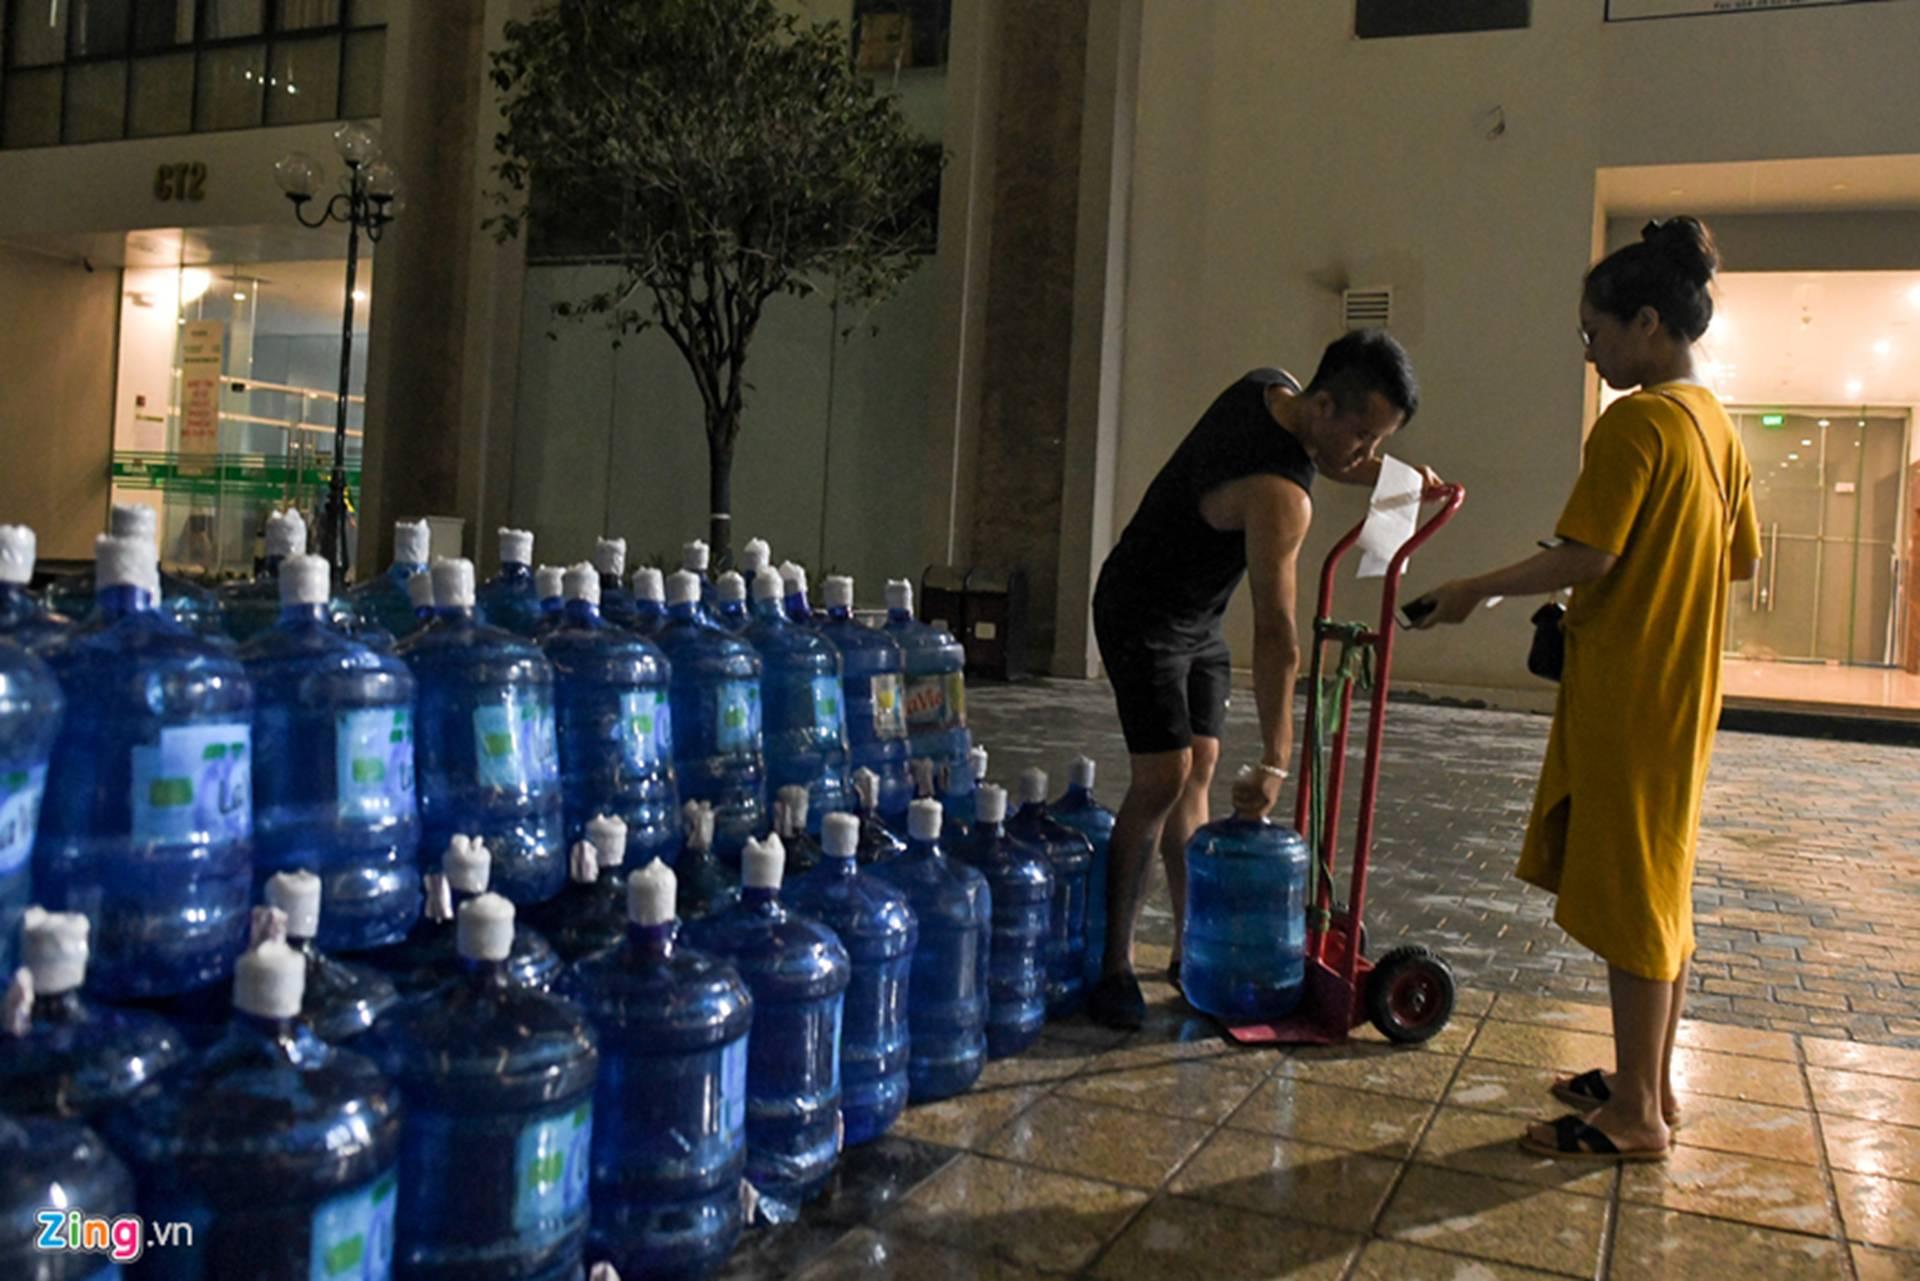 Cuộc sống người Hà Nội đảo lộn trong cơn khủng hoảng nước-20